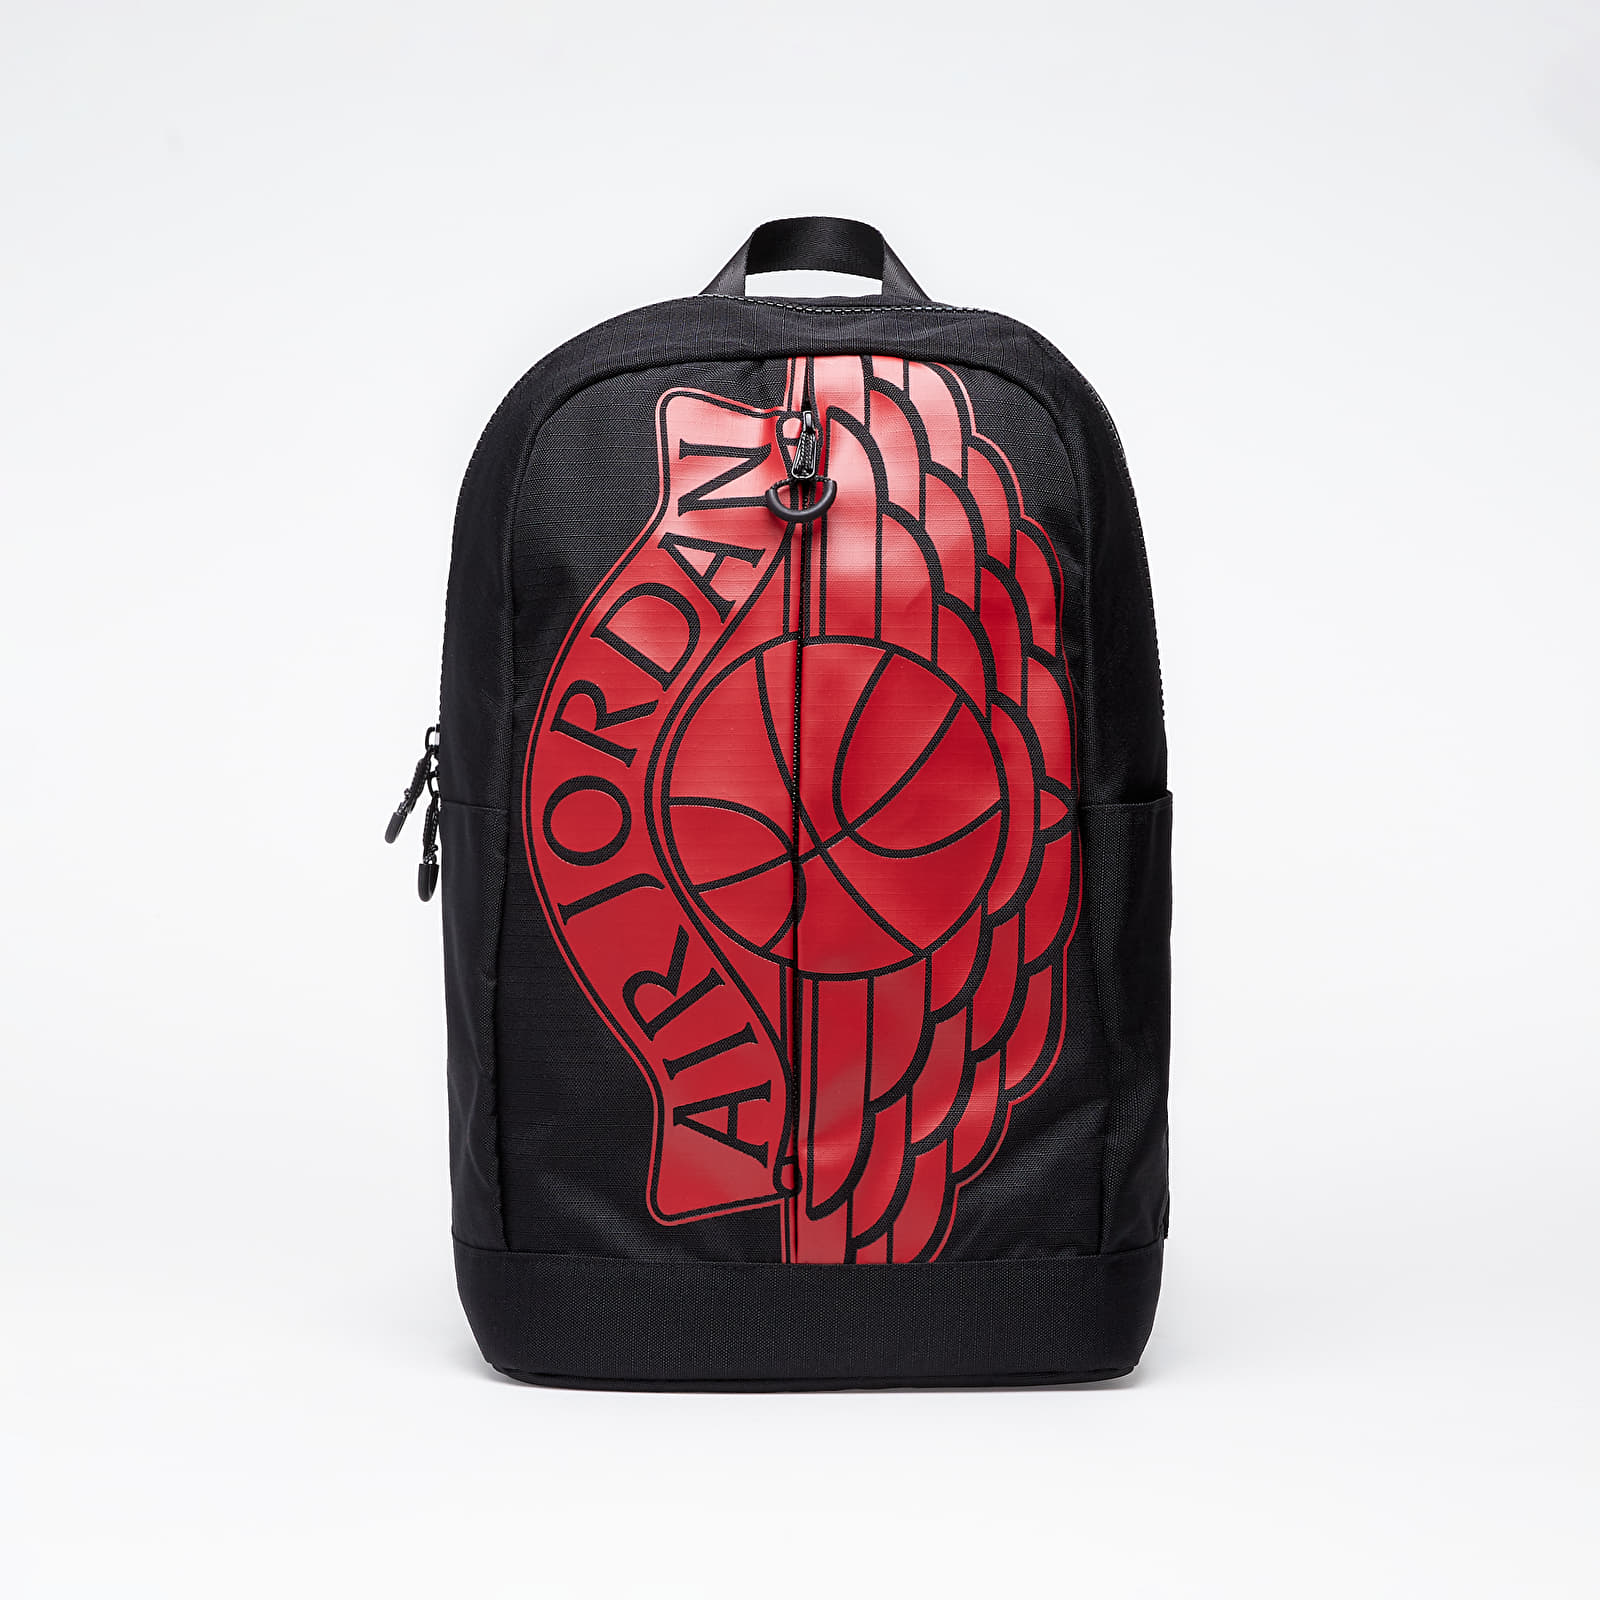 Backpacks Jordan Air Jordan Backpack Black